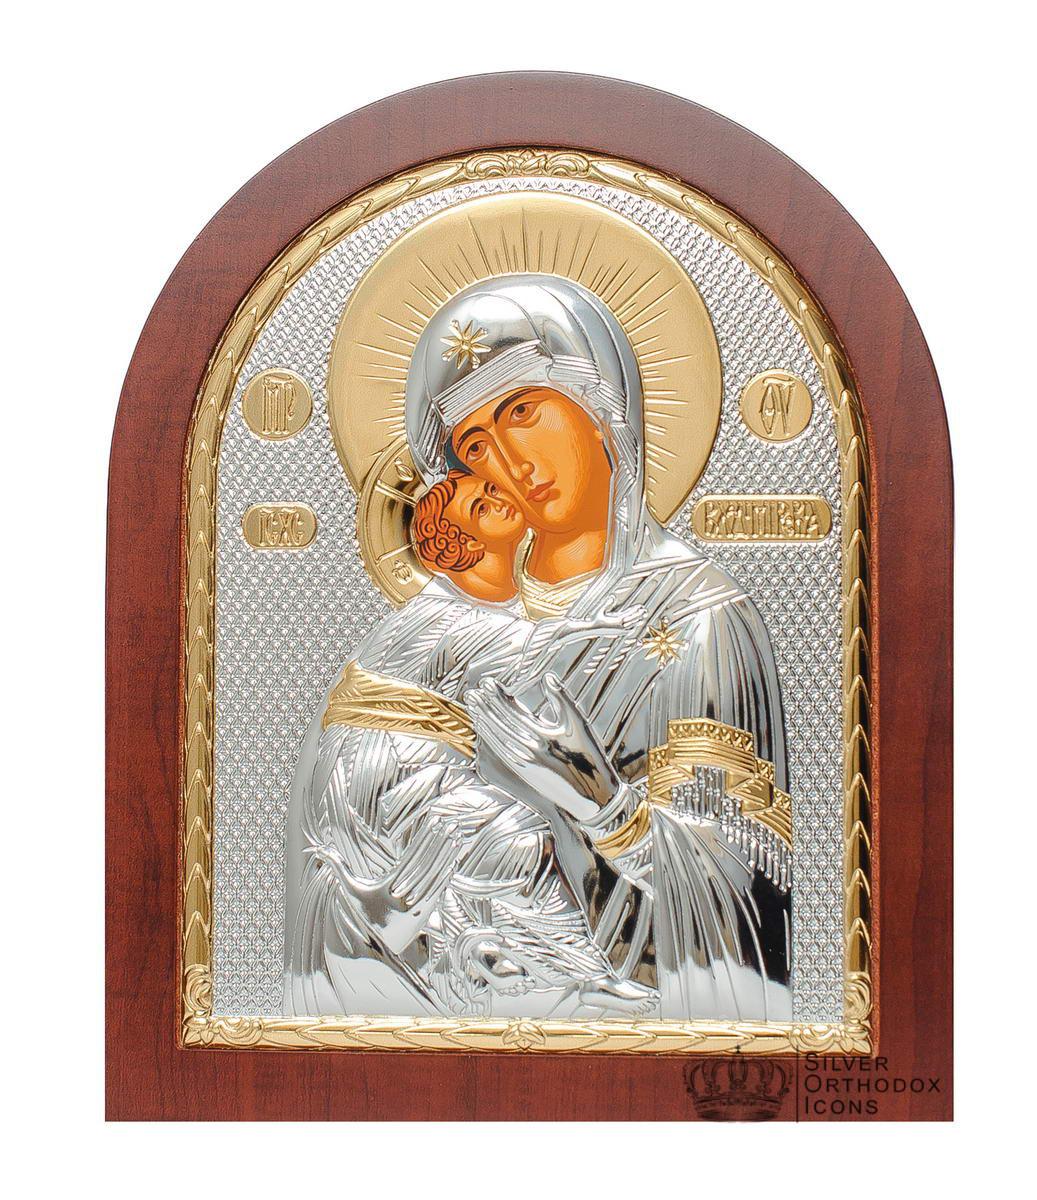 Серебряная Икона Владимирская Божья Матерь 18 х 14,7 см сделана в Греции